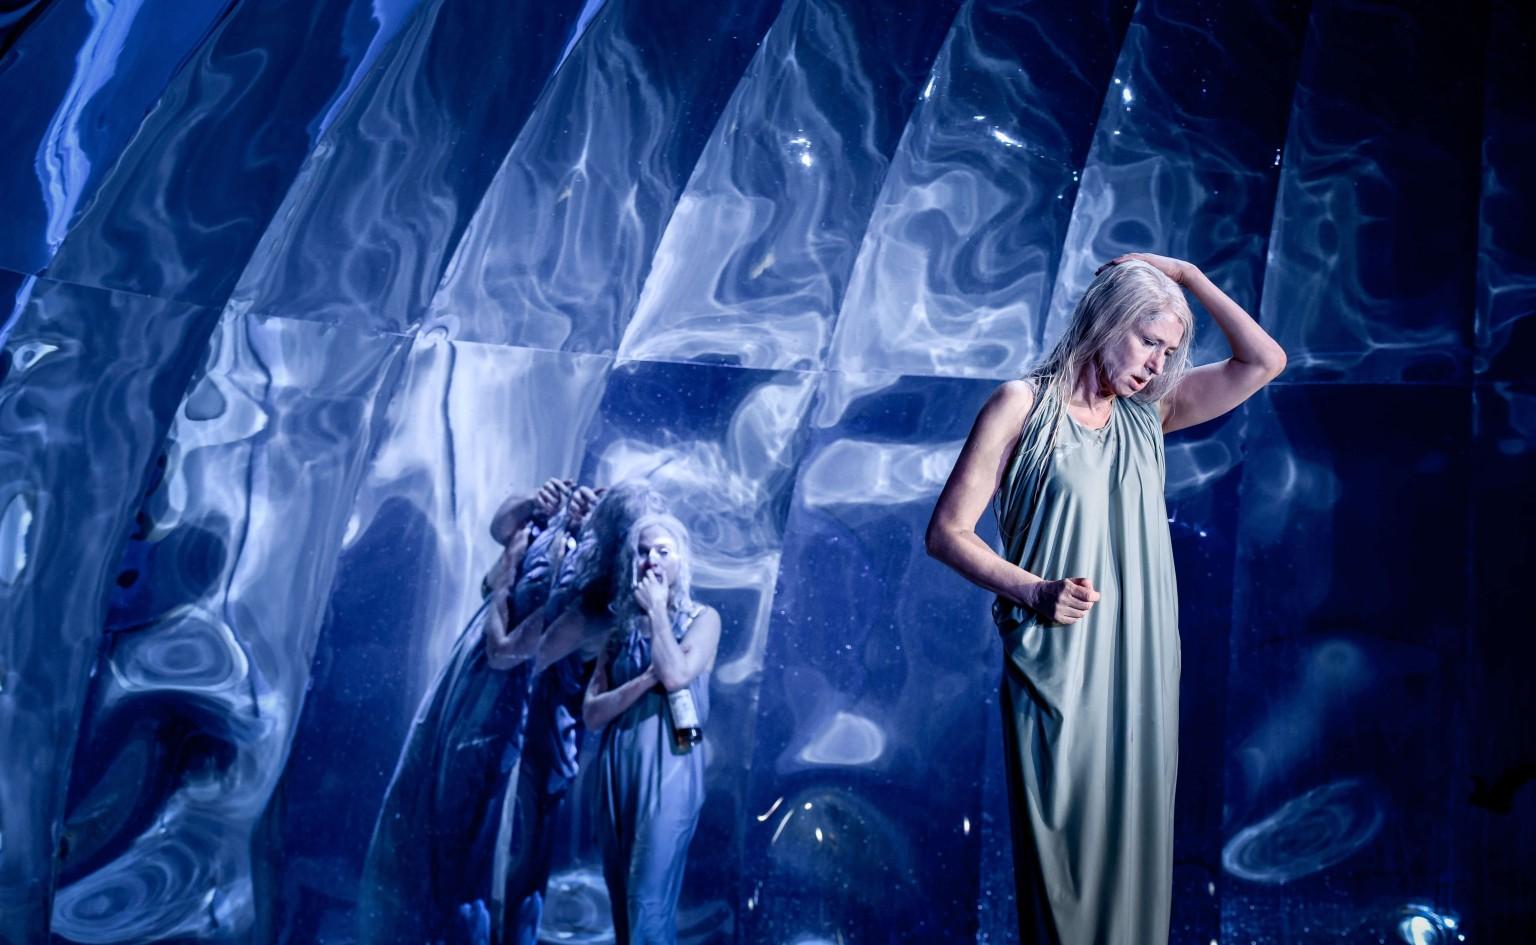 Από την παράσταση Persona σε σκηνοθεσία της Anna Bergmann | Φωτογραφία: Arno Declair